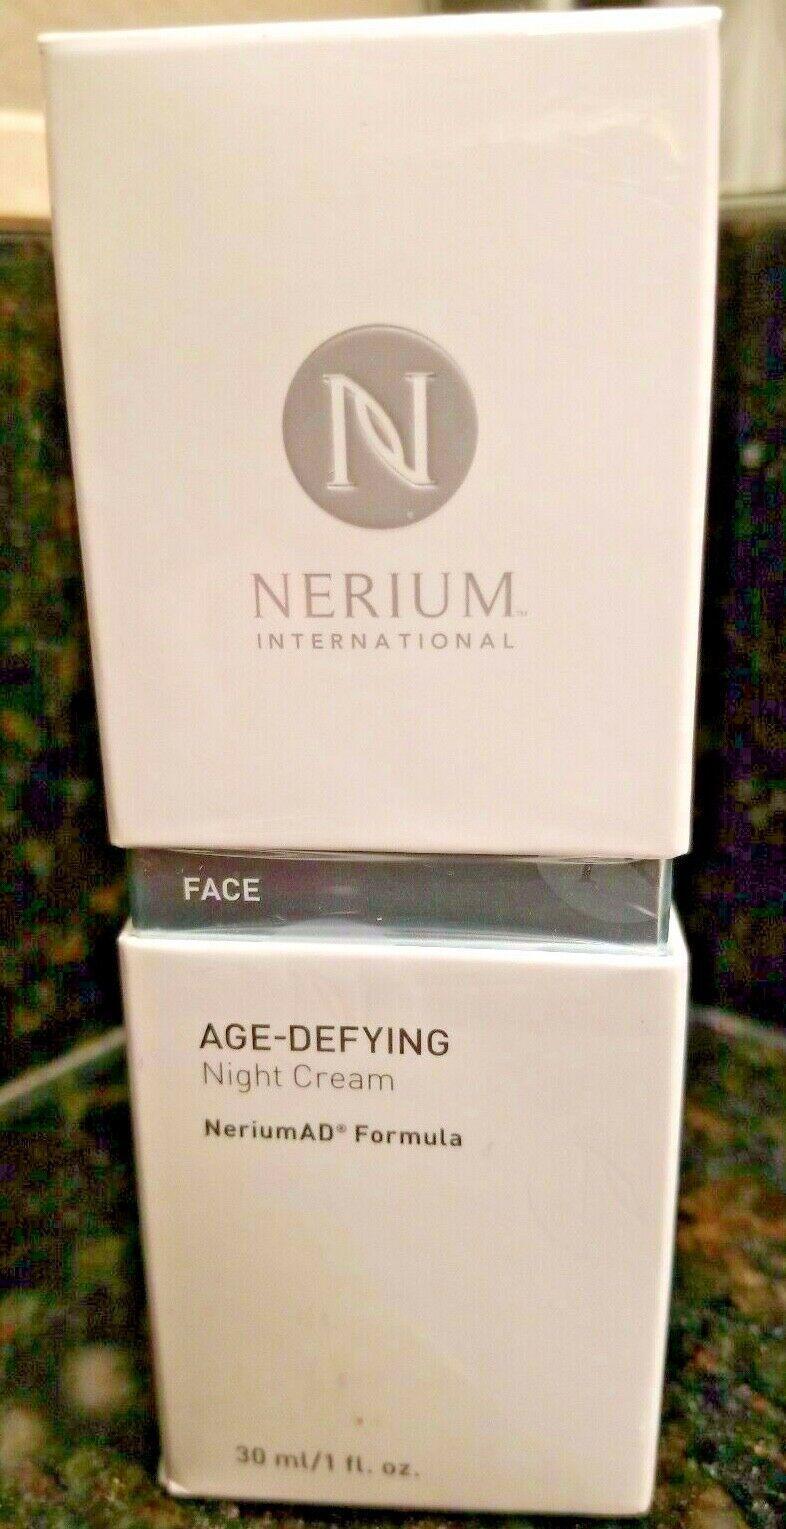 Nerium AD Age Defying Night Cream (1 Ounce) - NIB - 03/2022 - FRESH! - $38.78